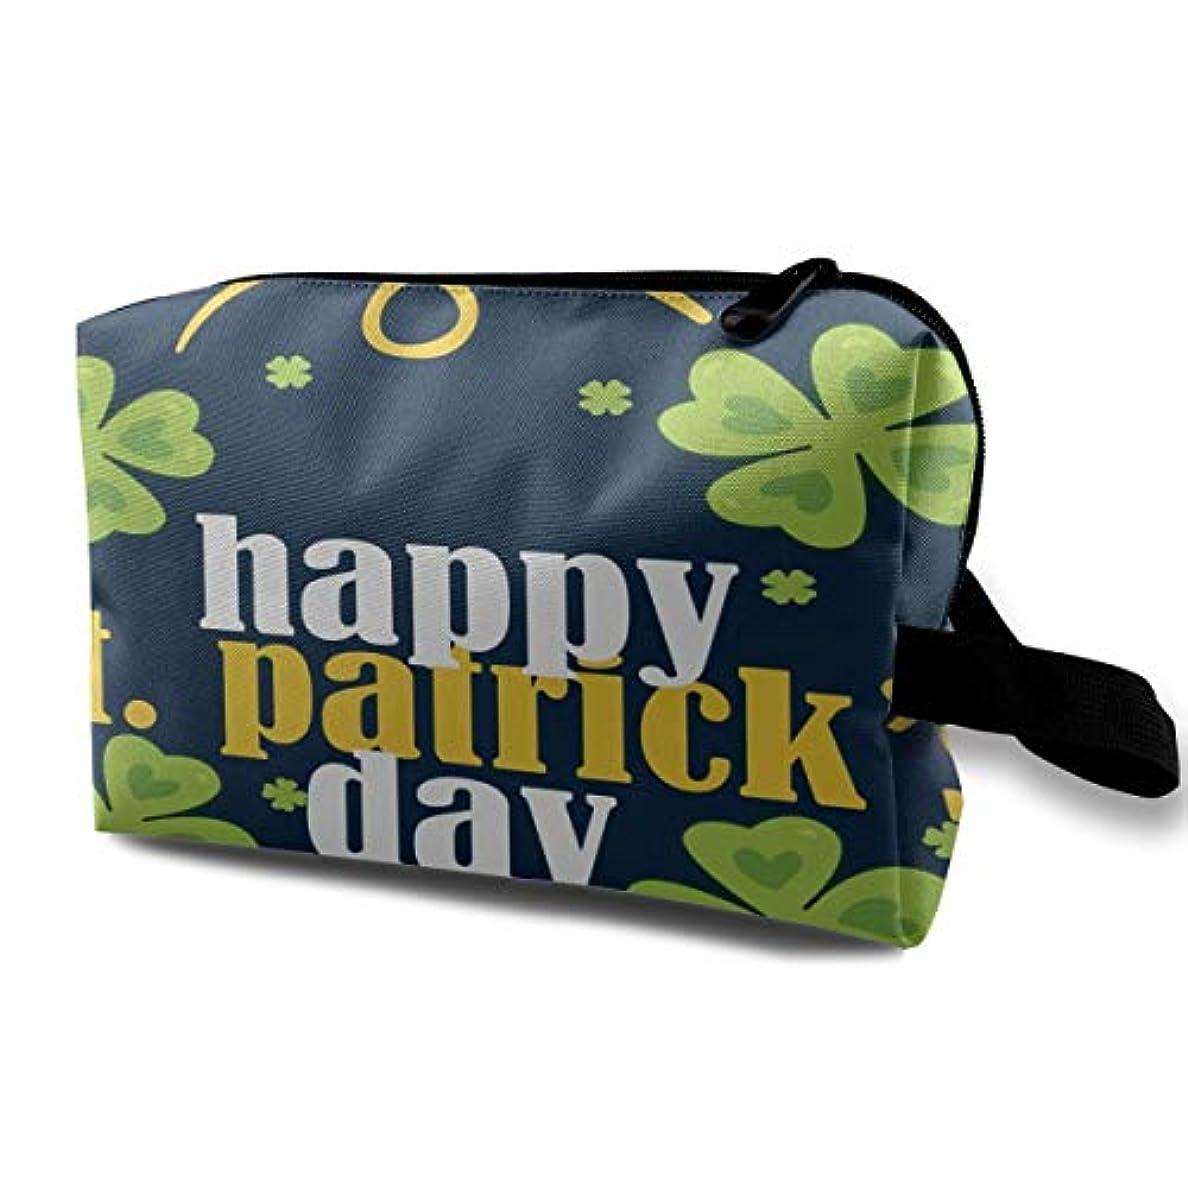 アナログ支配的タオルHappy St. Patrick's Day Character 収納ポーチ 化粧ポーチ 大容量 軽量 耐久性 ハンドル付持ち運び便利。入れ 自宅?出張?旅行?アウトドア撮影などに対応。メンズ レディース トラベルグッズ